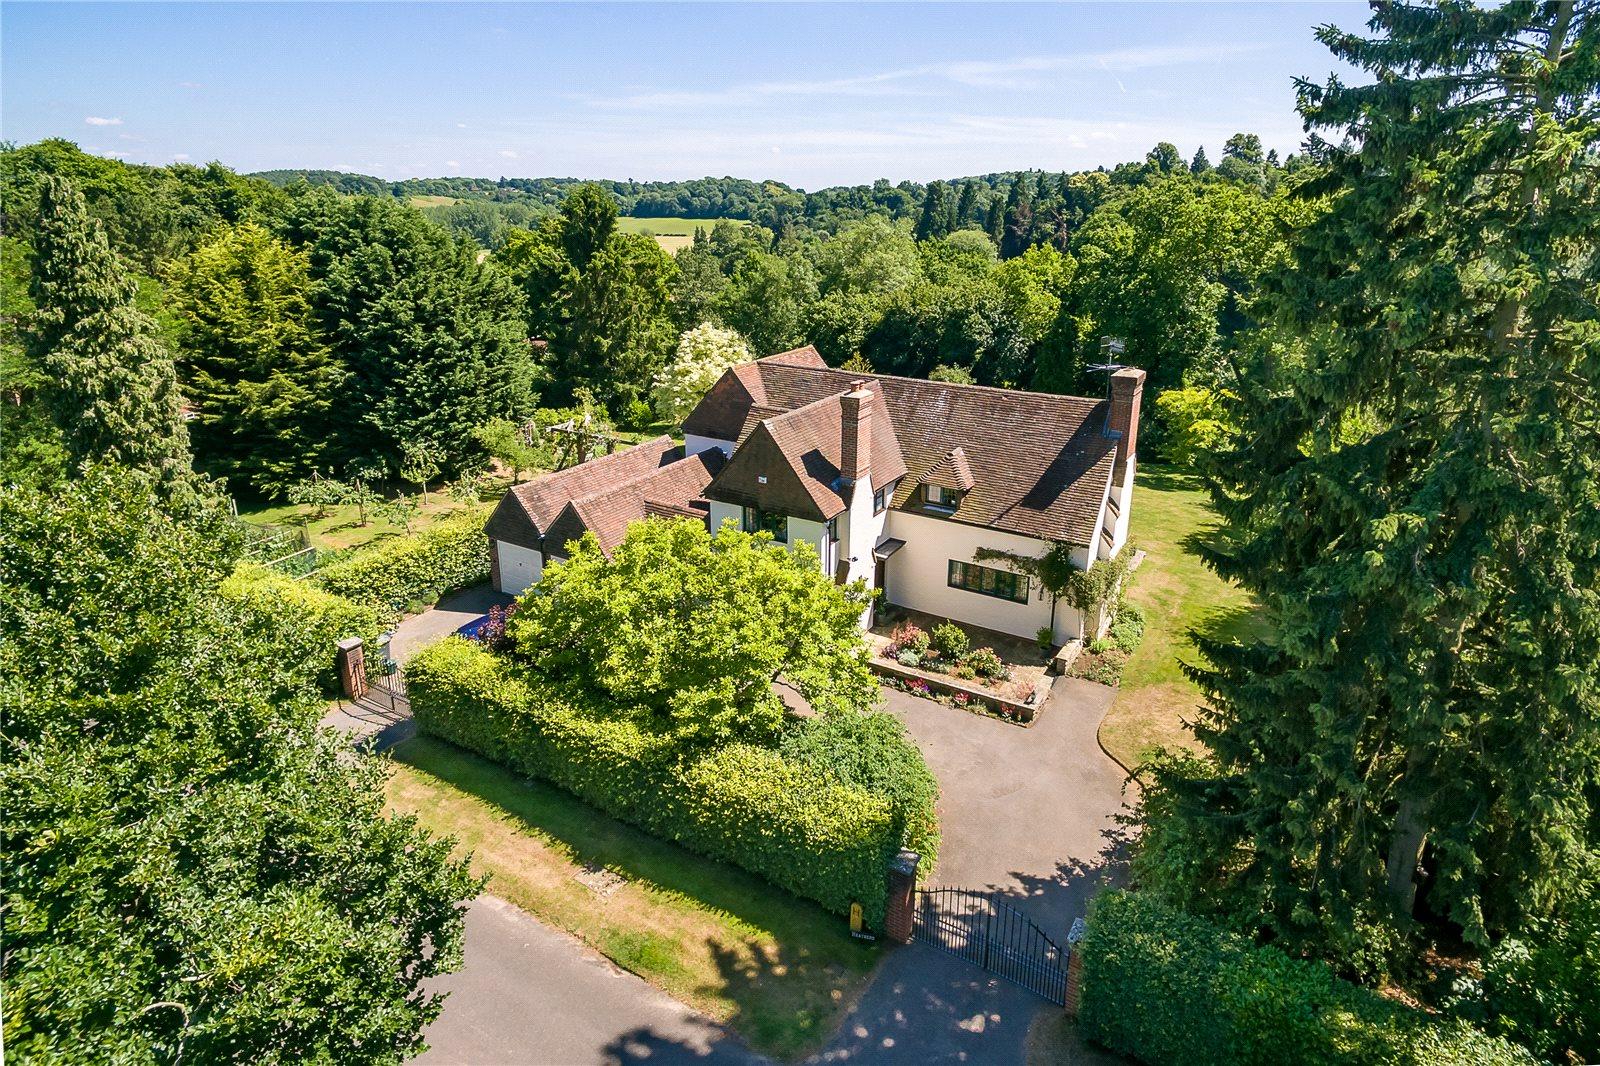 独户住宅 为 销售 在 Snowdenham Links Road, Bramley, Guildford, Surrey, GU5 Guildford, 英格兰